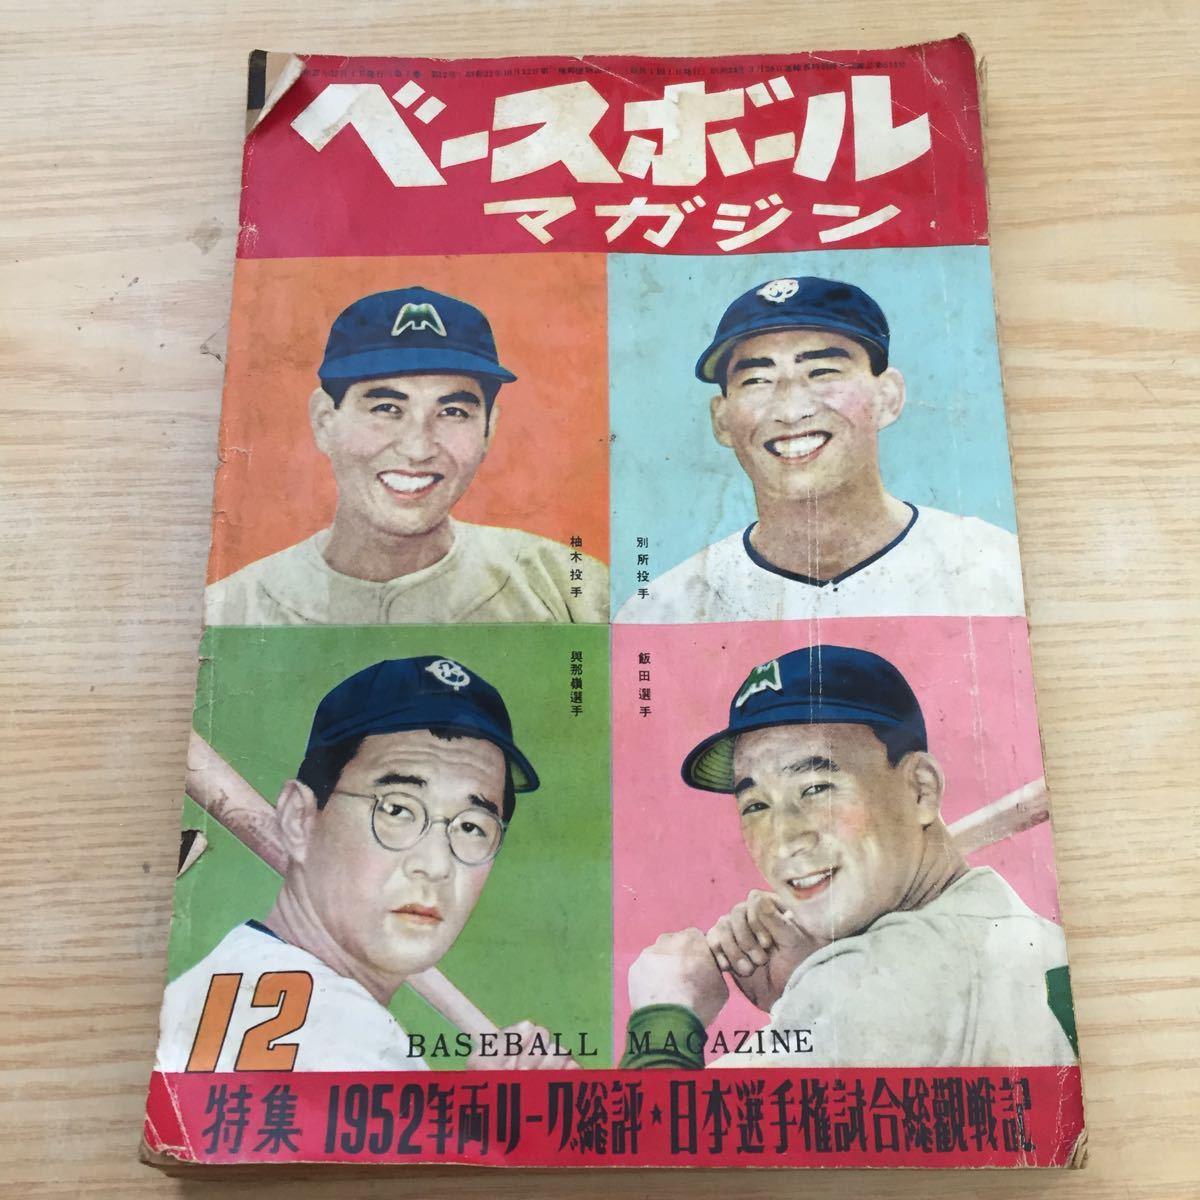 ヤフオク! - ベースボールマガジン 12月号 1952年(昭和27年)1...